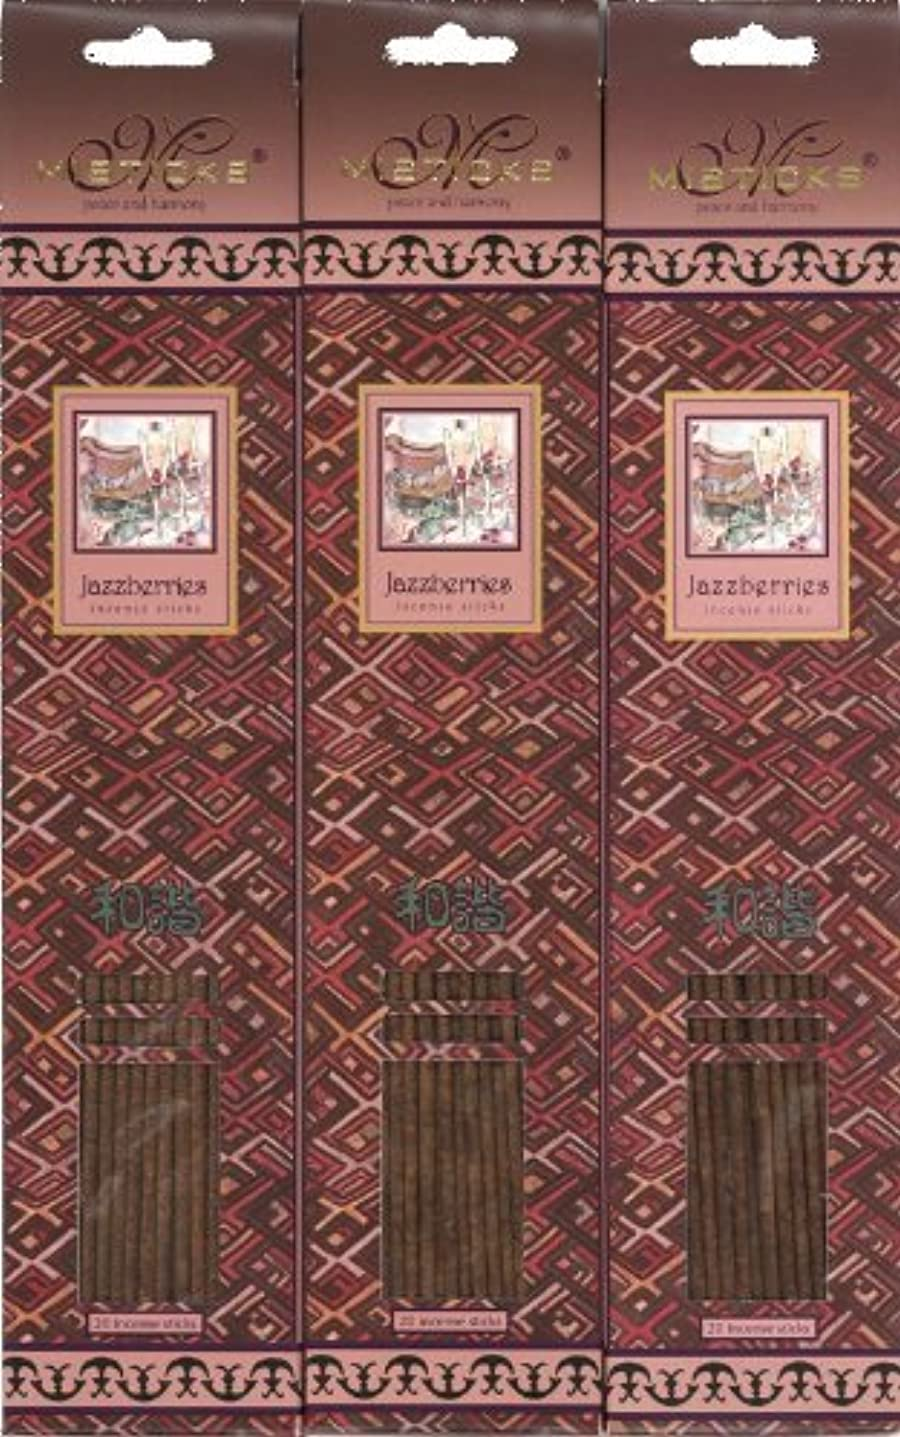 偏見兵器庫扇動Misticks Jazzberries ジャズベリーズ お香 20本 X 3パック(60本)